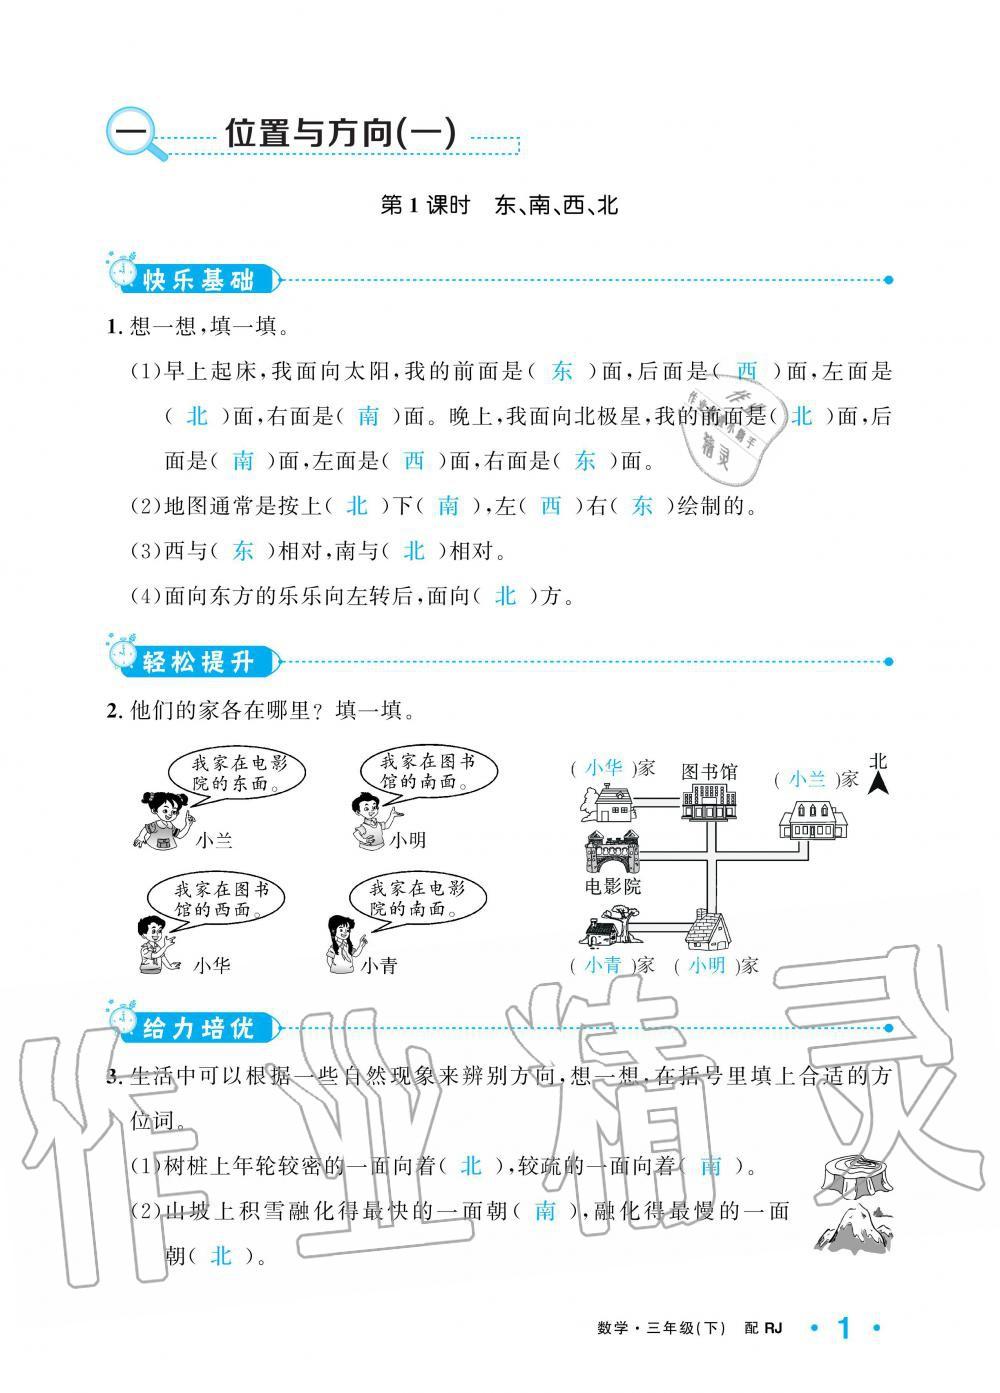 2020年小学1课3练培优作业本三年级数学下册人教版第1页